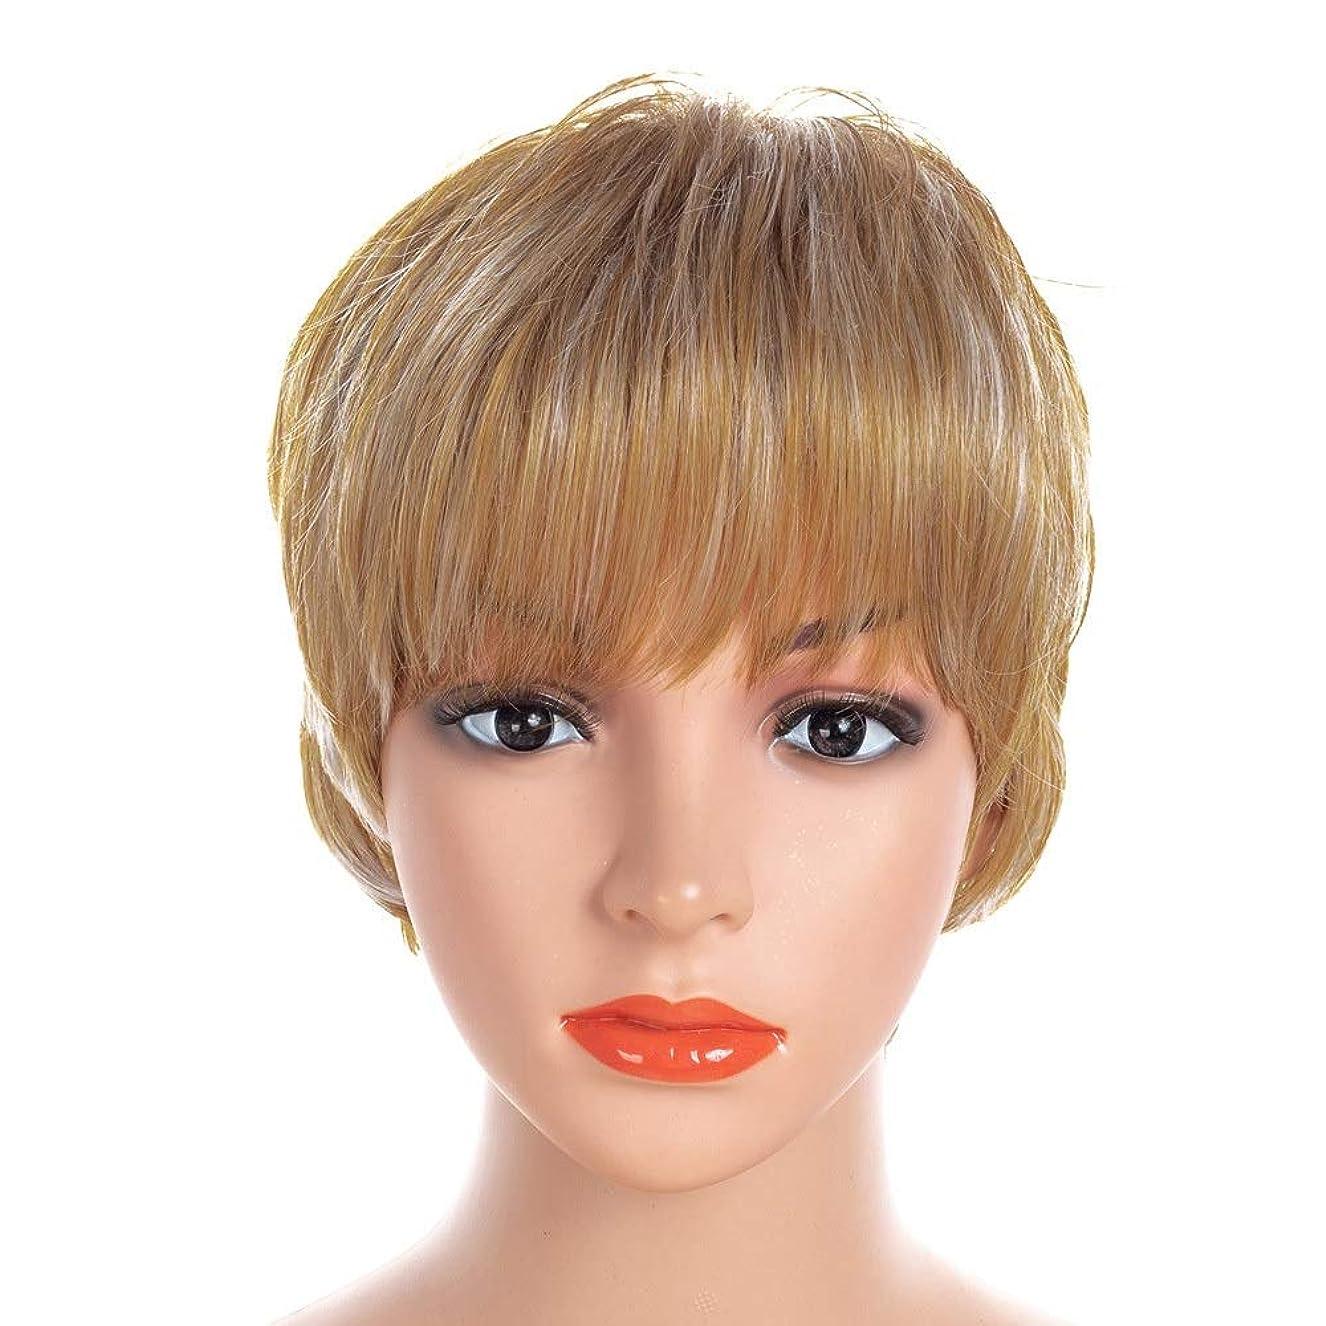 欠乏回想効率WASAIO 交換用コスパリーパーティーヘア用の上流階級ボブスタイルアクセサリーの女性ショートカーリーブロンドかつら (色 : Blonde, サイズ : 30cm)